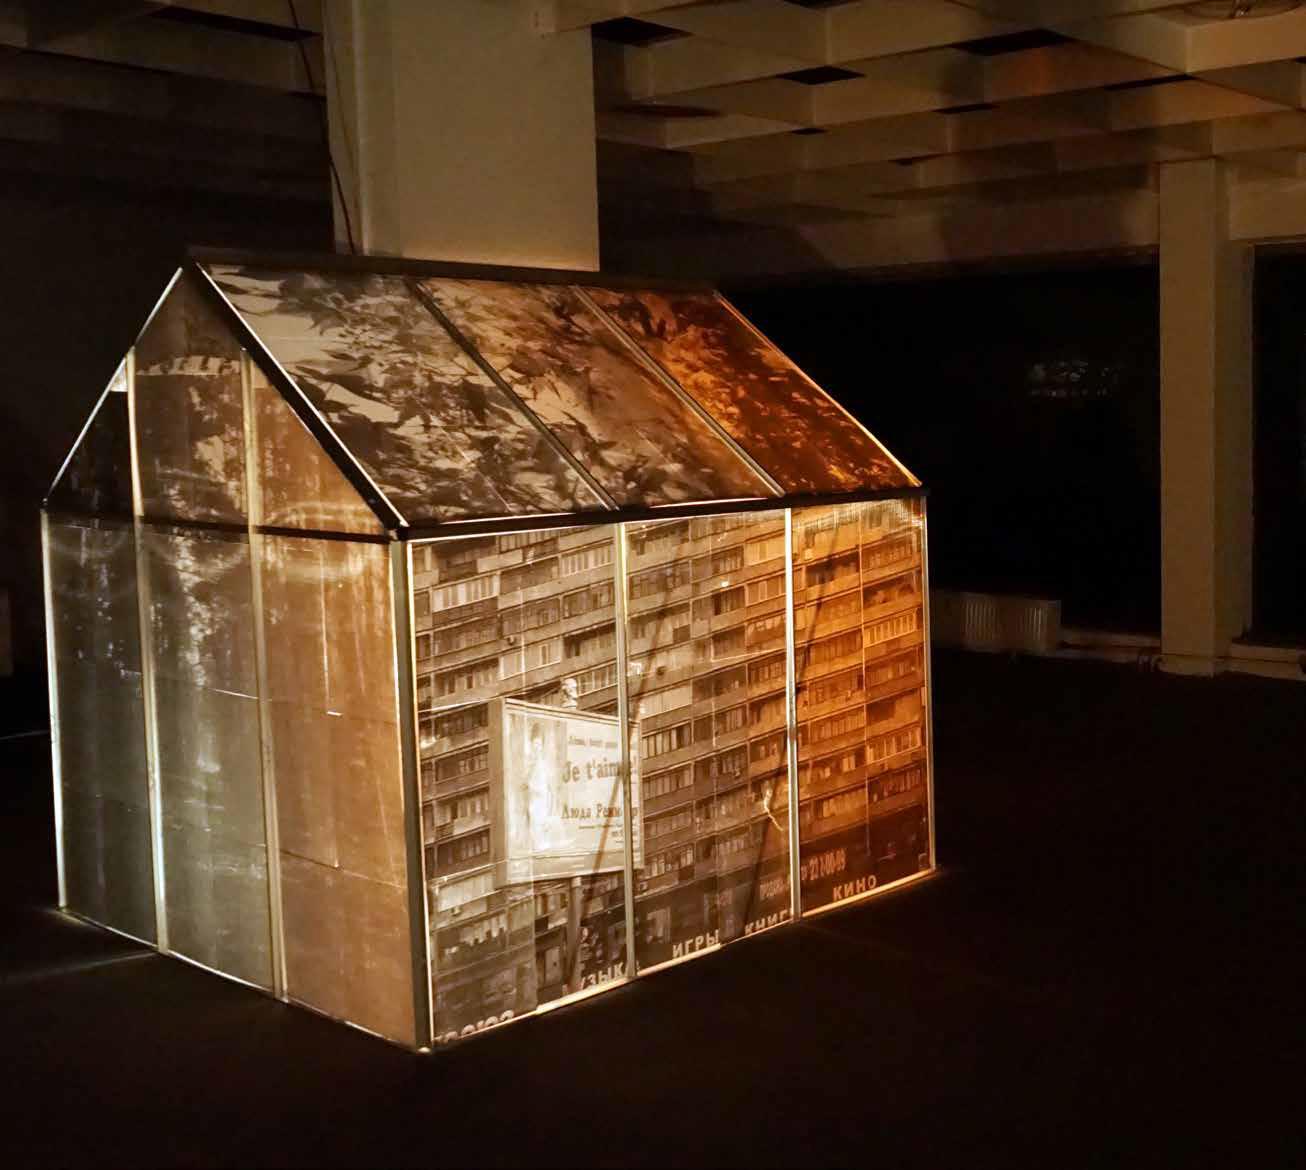 Les abris imaginaires,  2017, exhibition view, Neu West Berlin